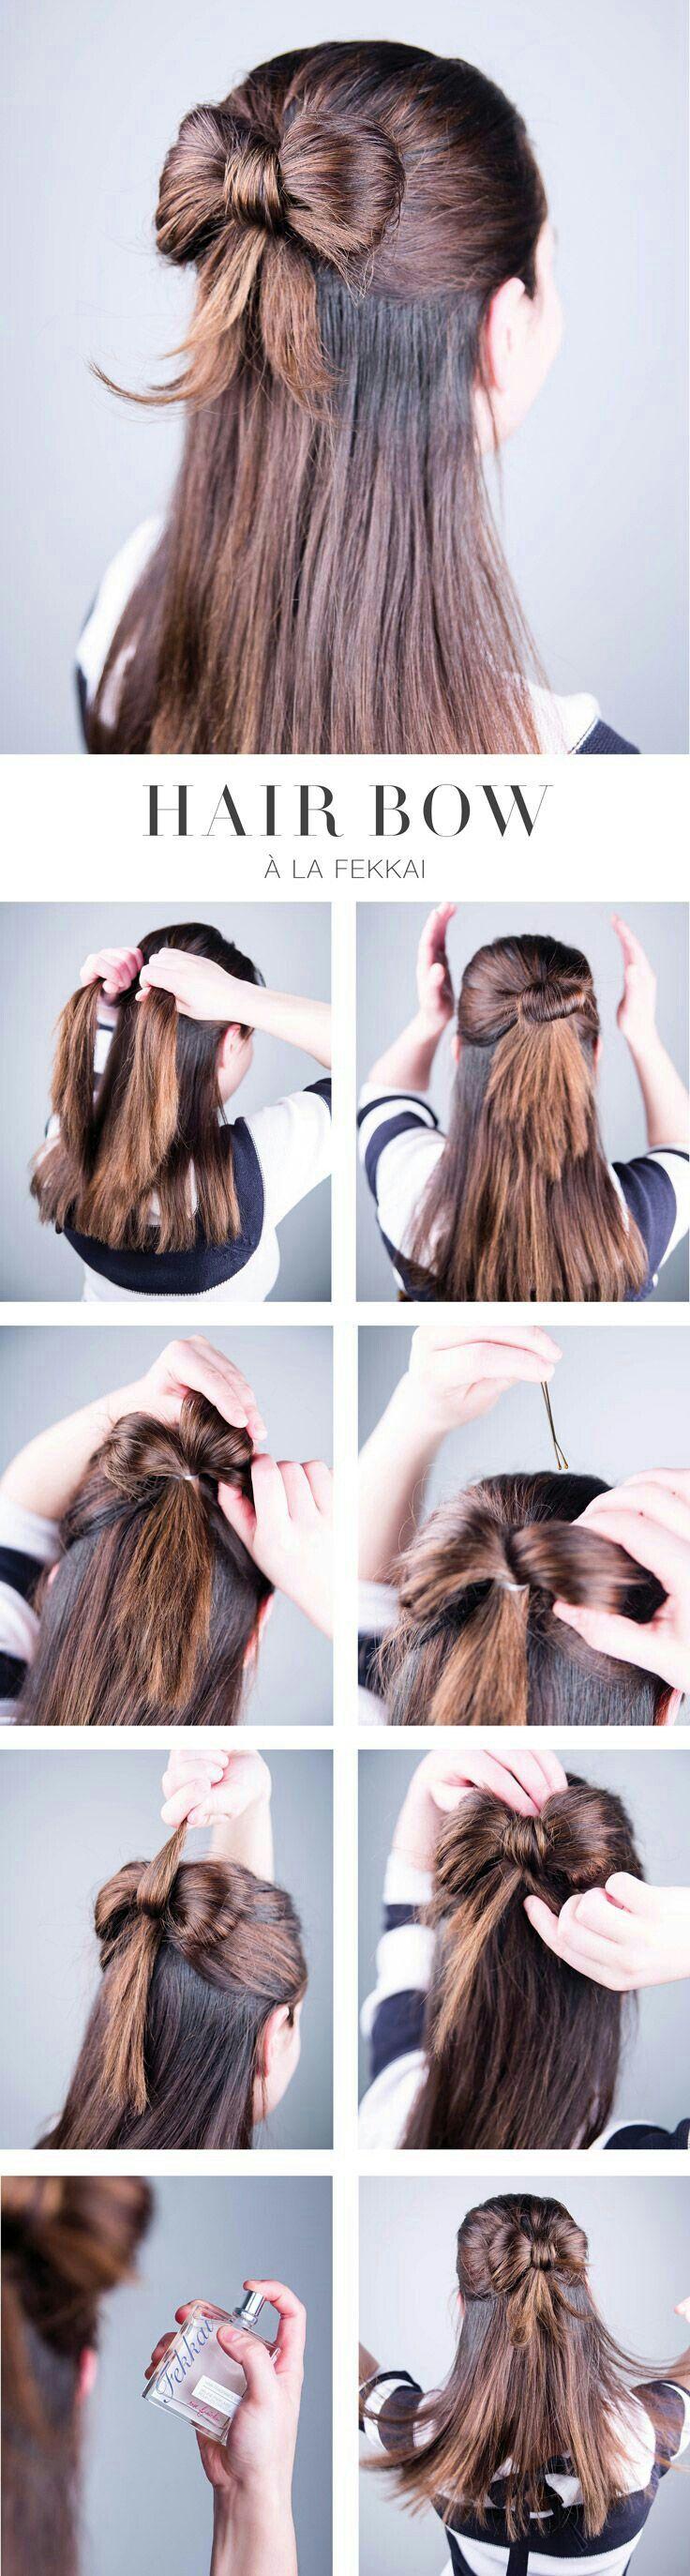 Piyonk saç modeli